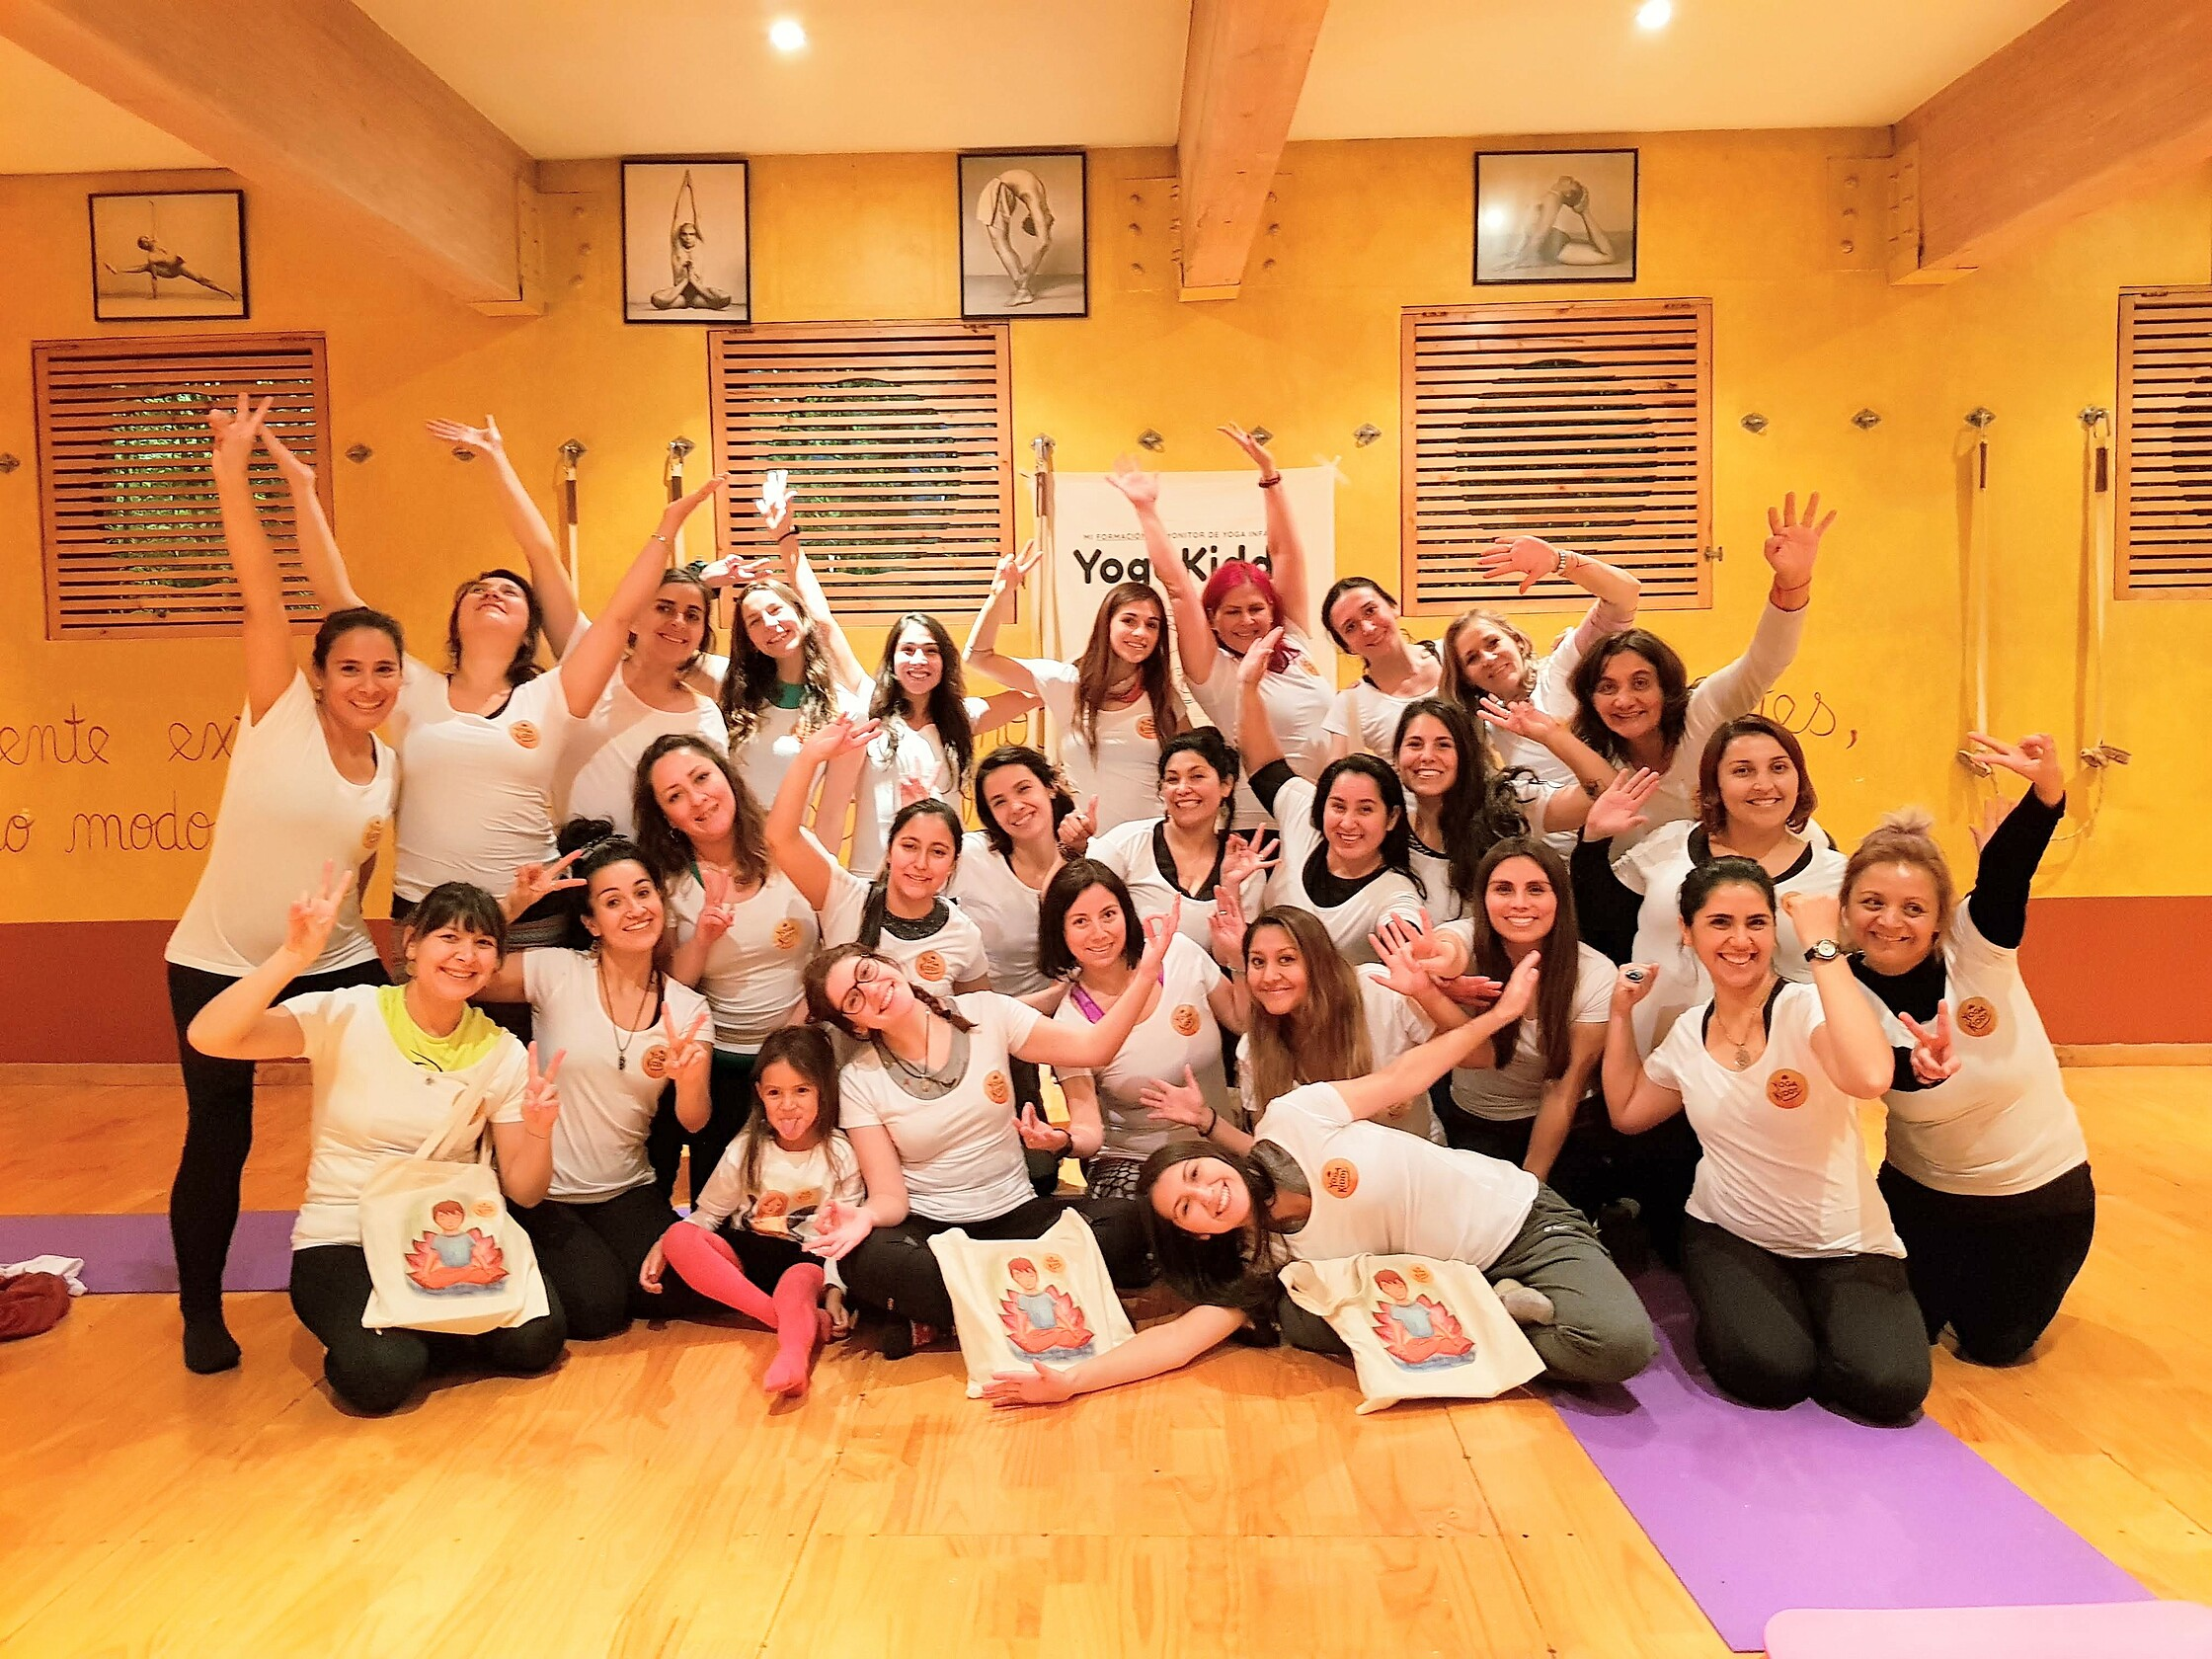 Yoga Alliance certificacion YogaKiddy